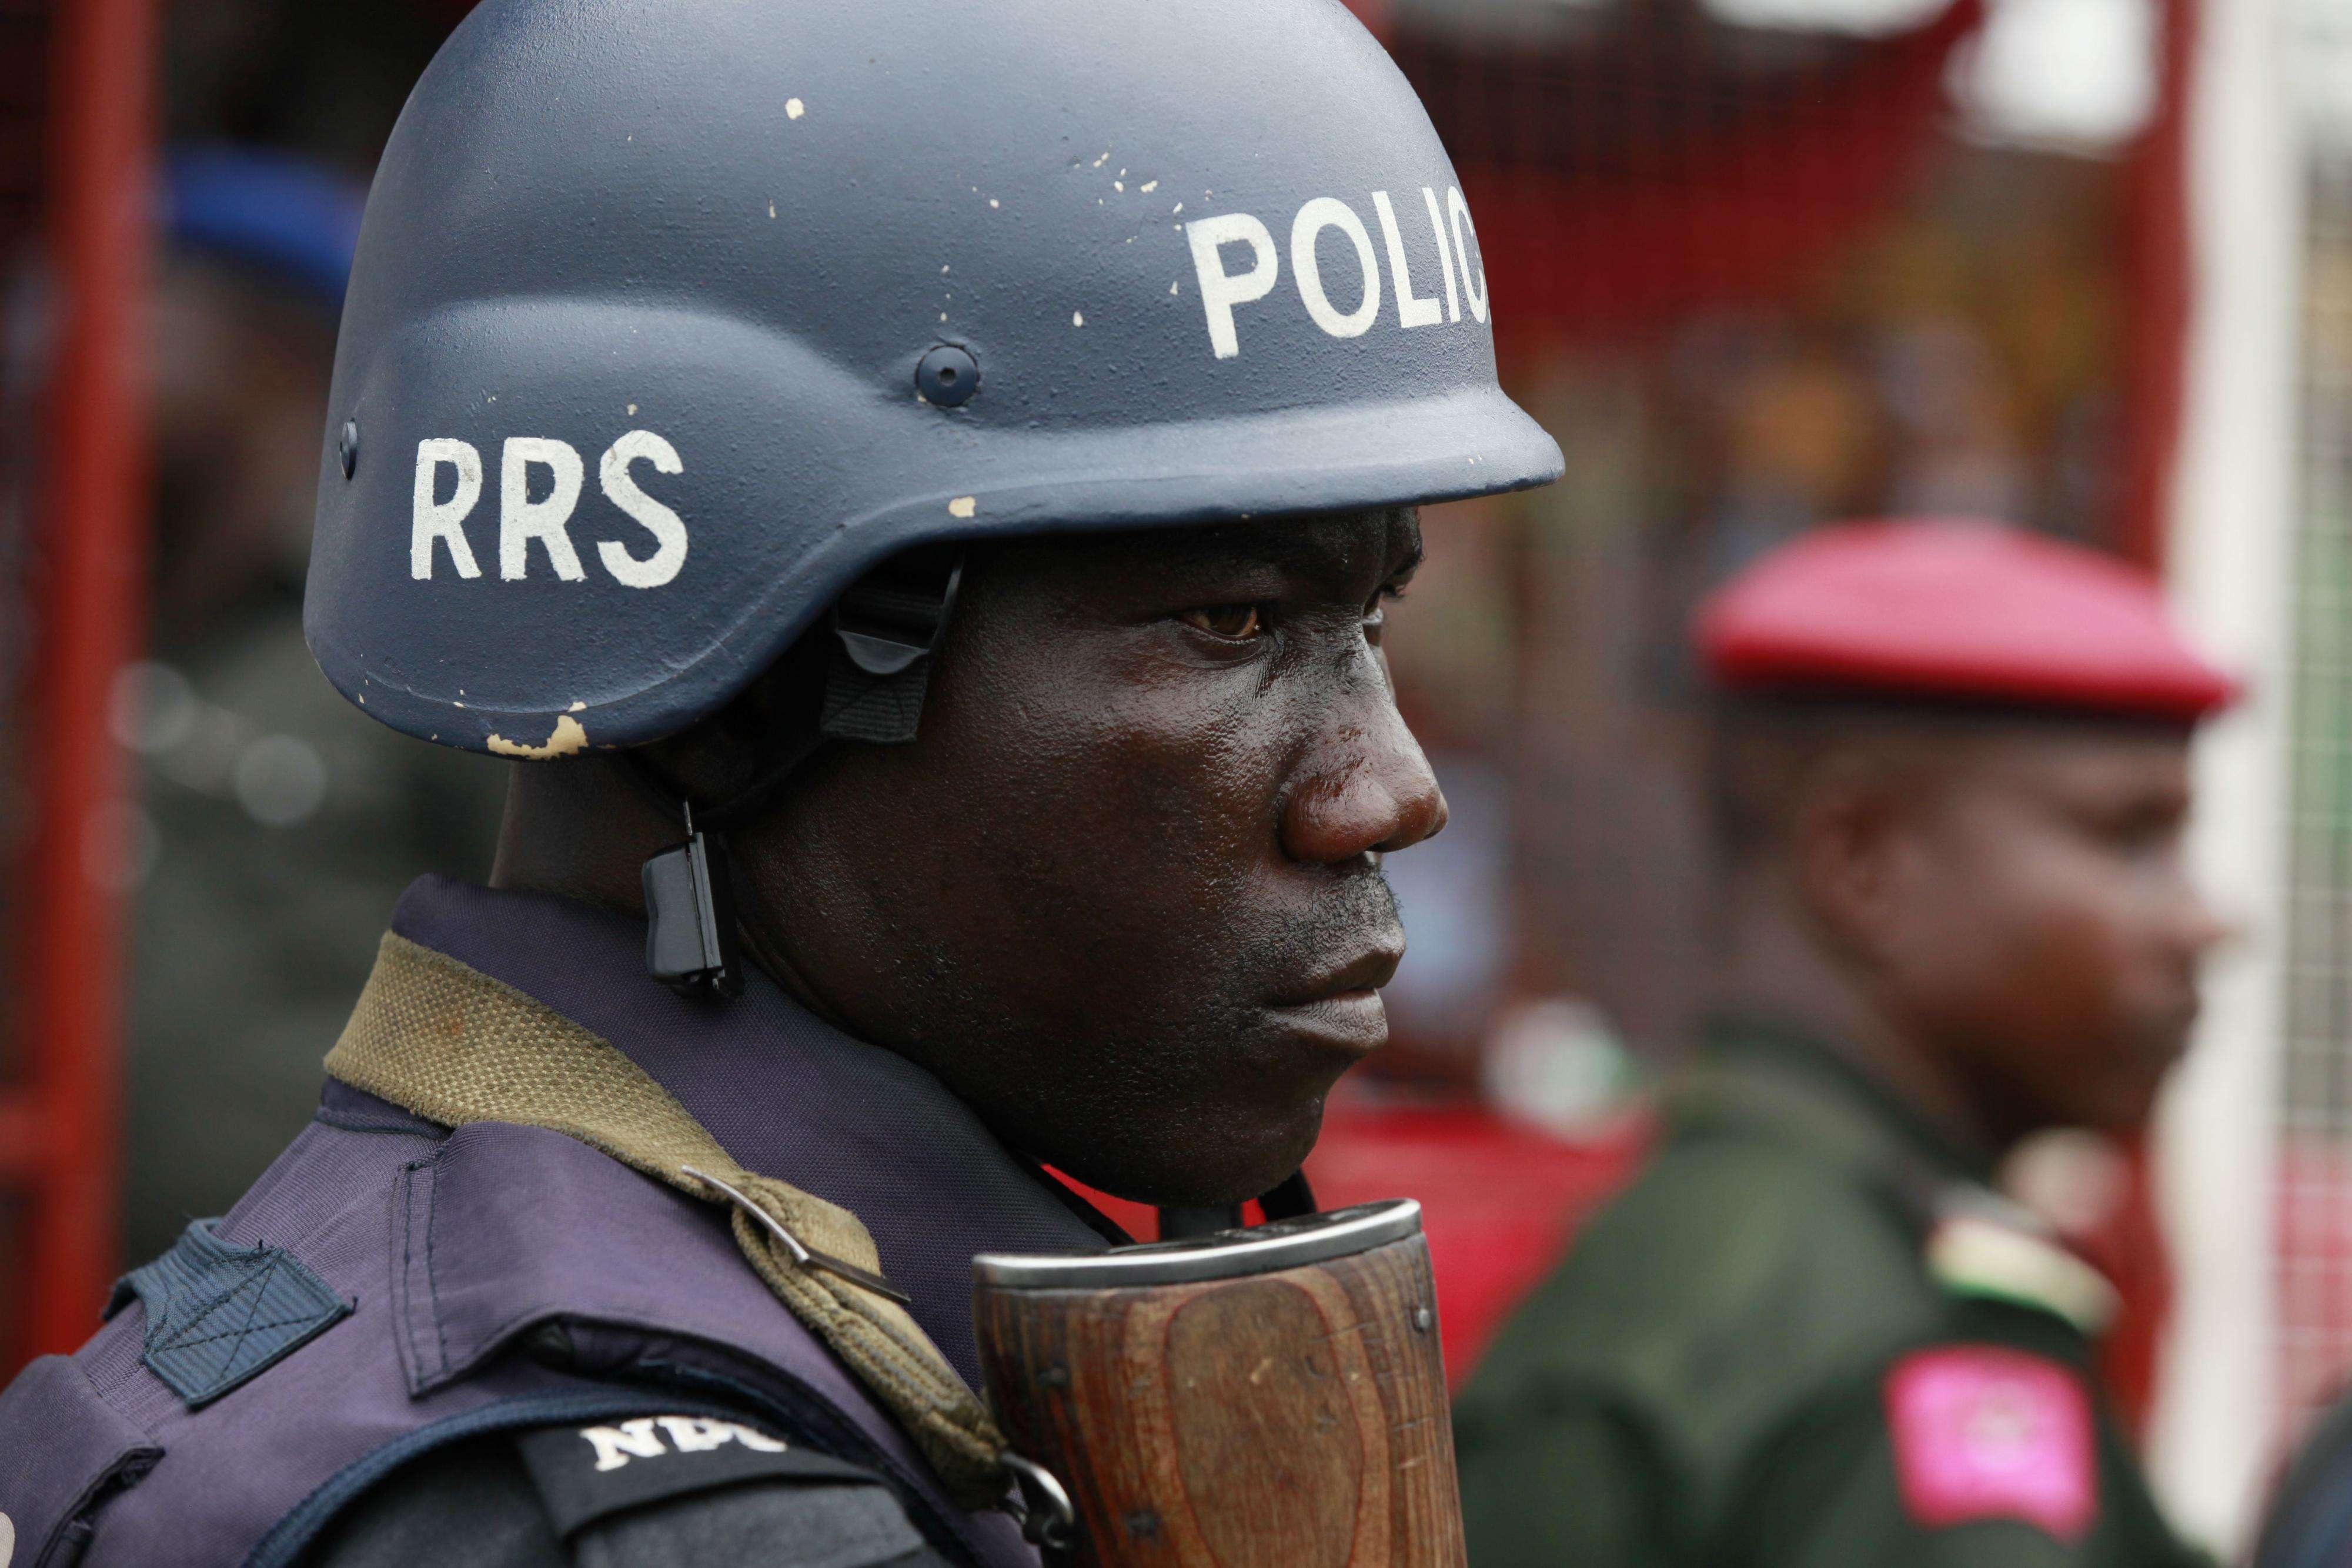 Un agente policial durante una manifestación por el secuestro de niñas a manos de extremistas en Lagos, Nigeria. (Foto de archivo) Foto: AP en español